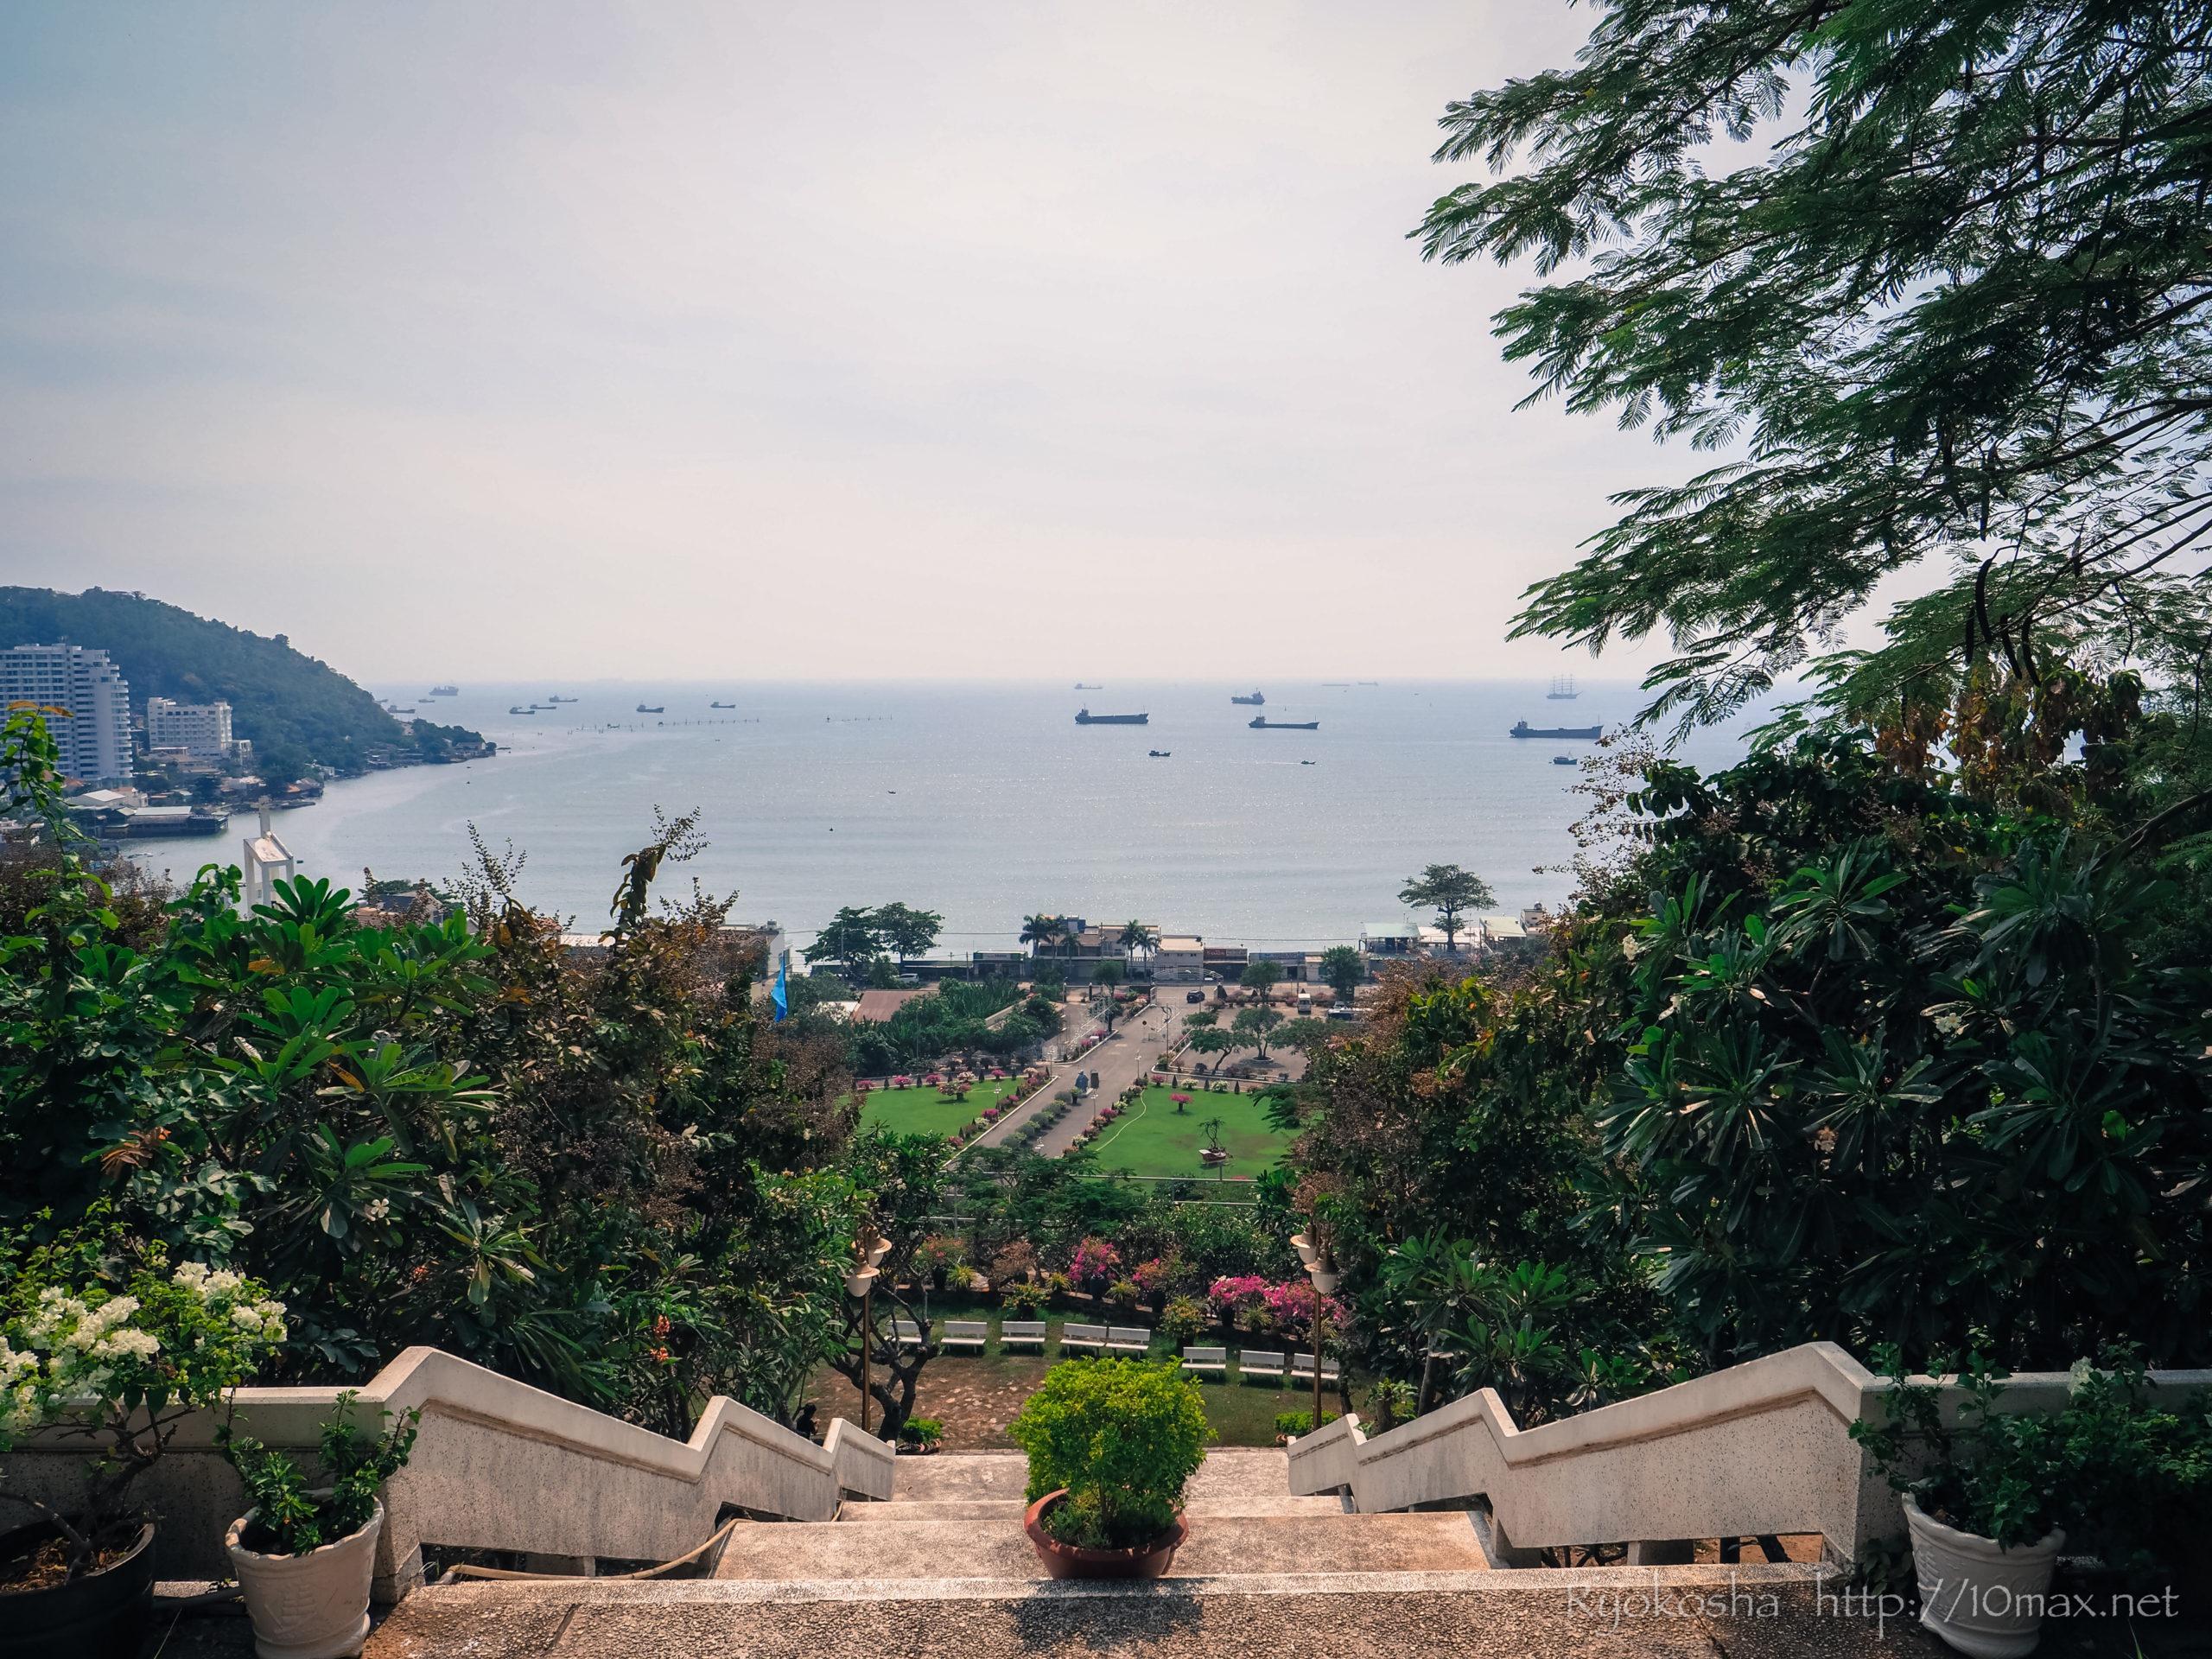 ベトナム ブンタウ ビーチ 仏教寺院 タウ寺 マリア教会 マリア像 如来像